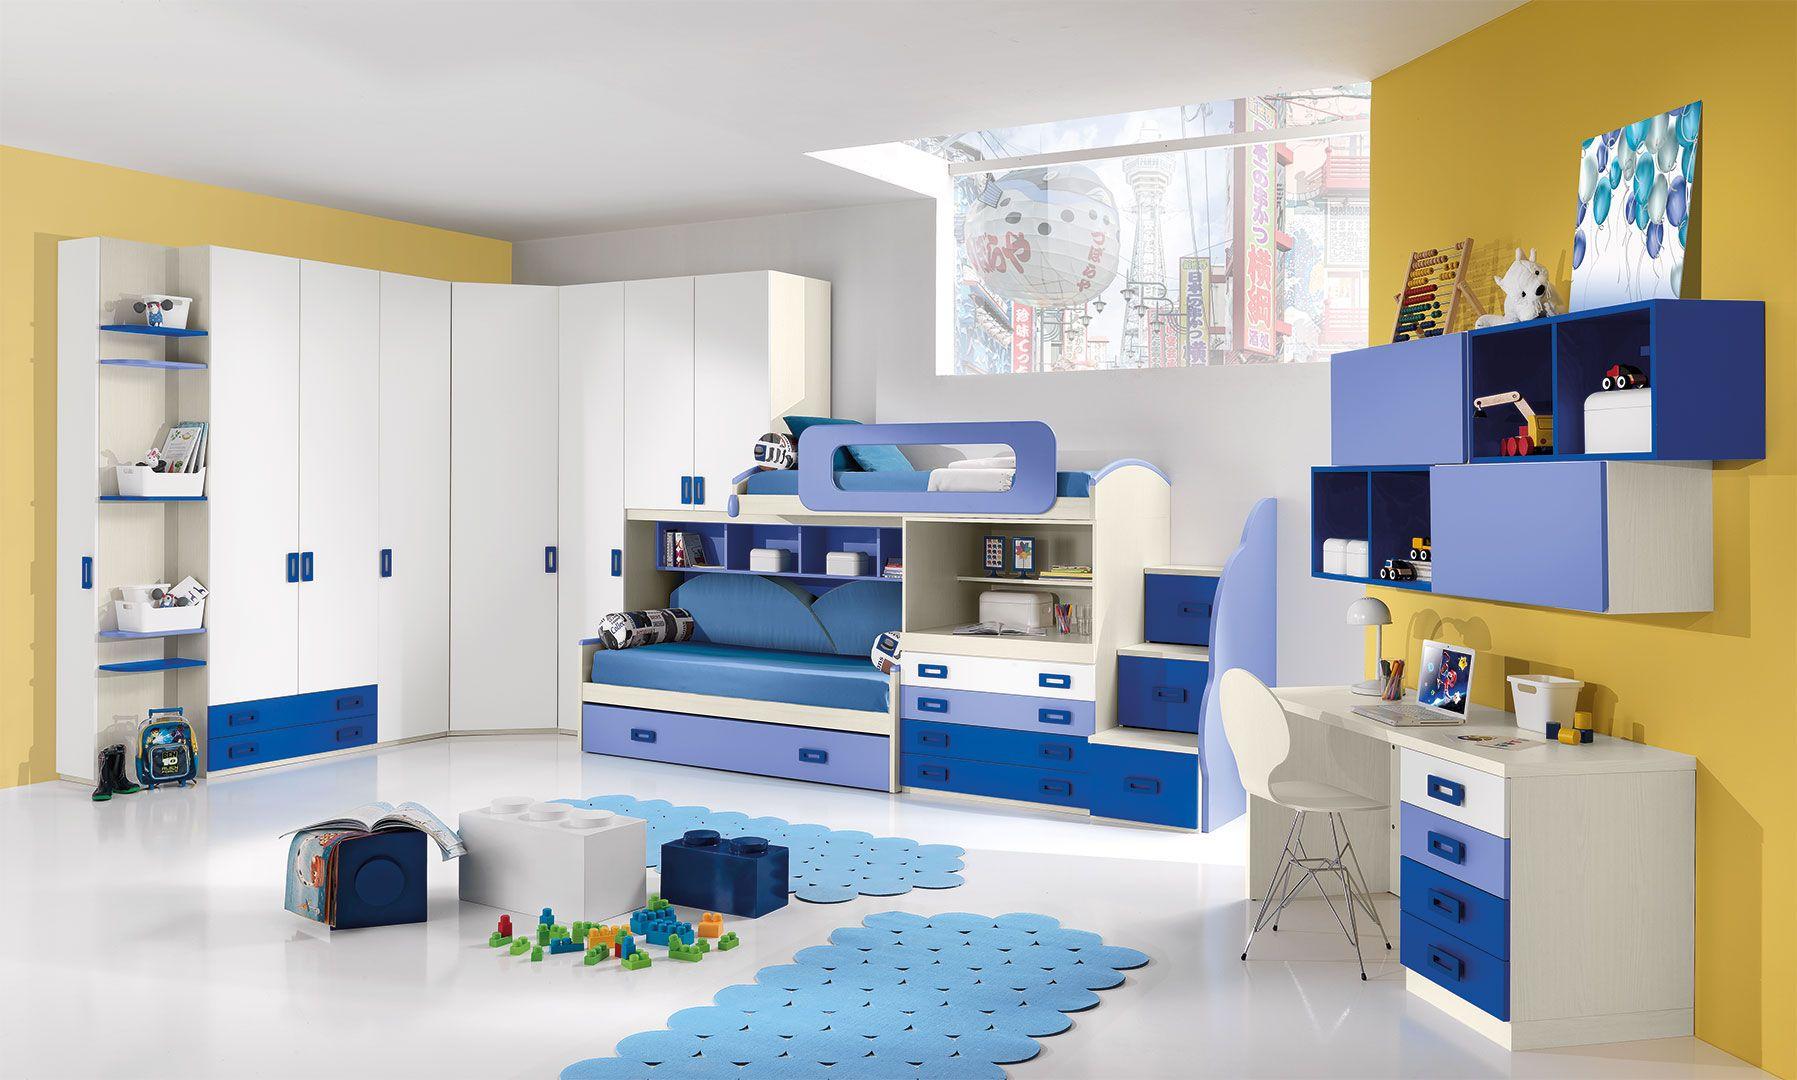 Le camerette intelligenti componibili e trasformabili un for Programma per progettare stanze